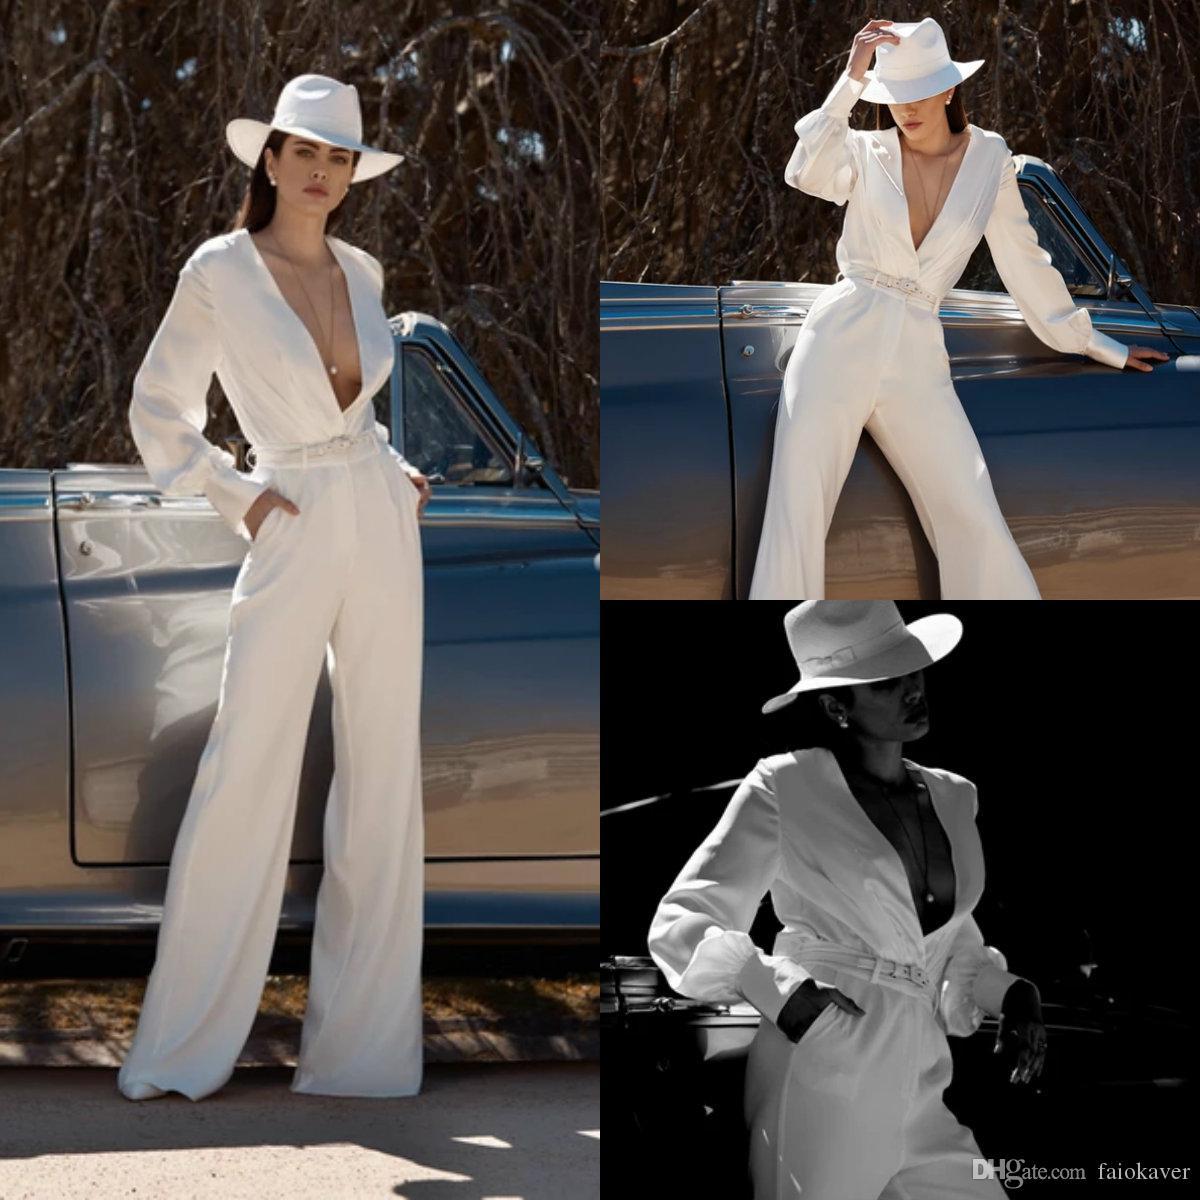 2020 Fashion Wedding tuta profondo scollo a V in raso di seta Piano Lunghezza Pantaloni da sposa vestito su spiaggia fatta Abiti da sposa Abiti da sposa